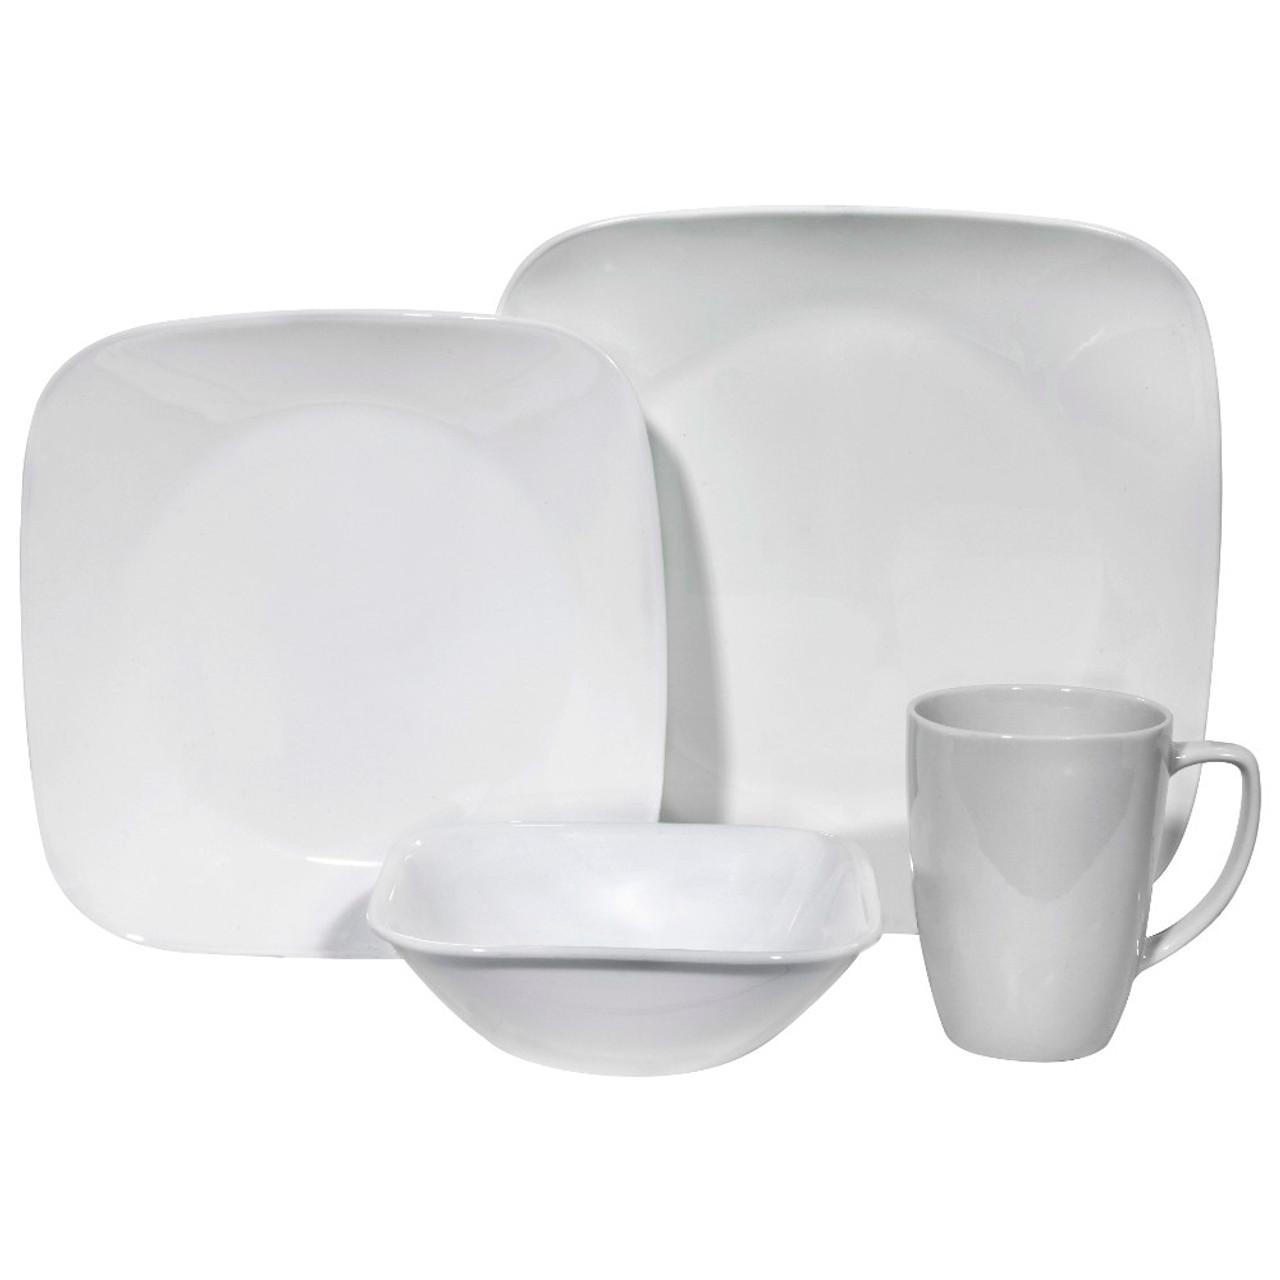 Corelle Square 20 Pure White 20 piece Dinnerware Set